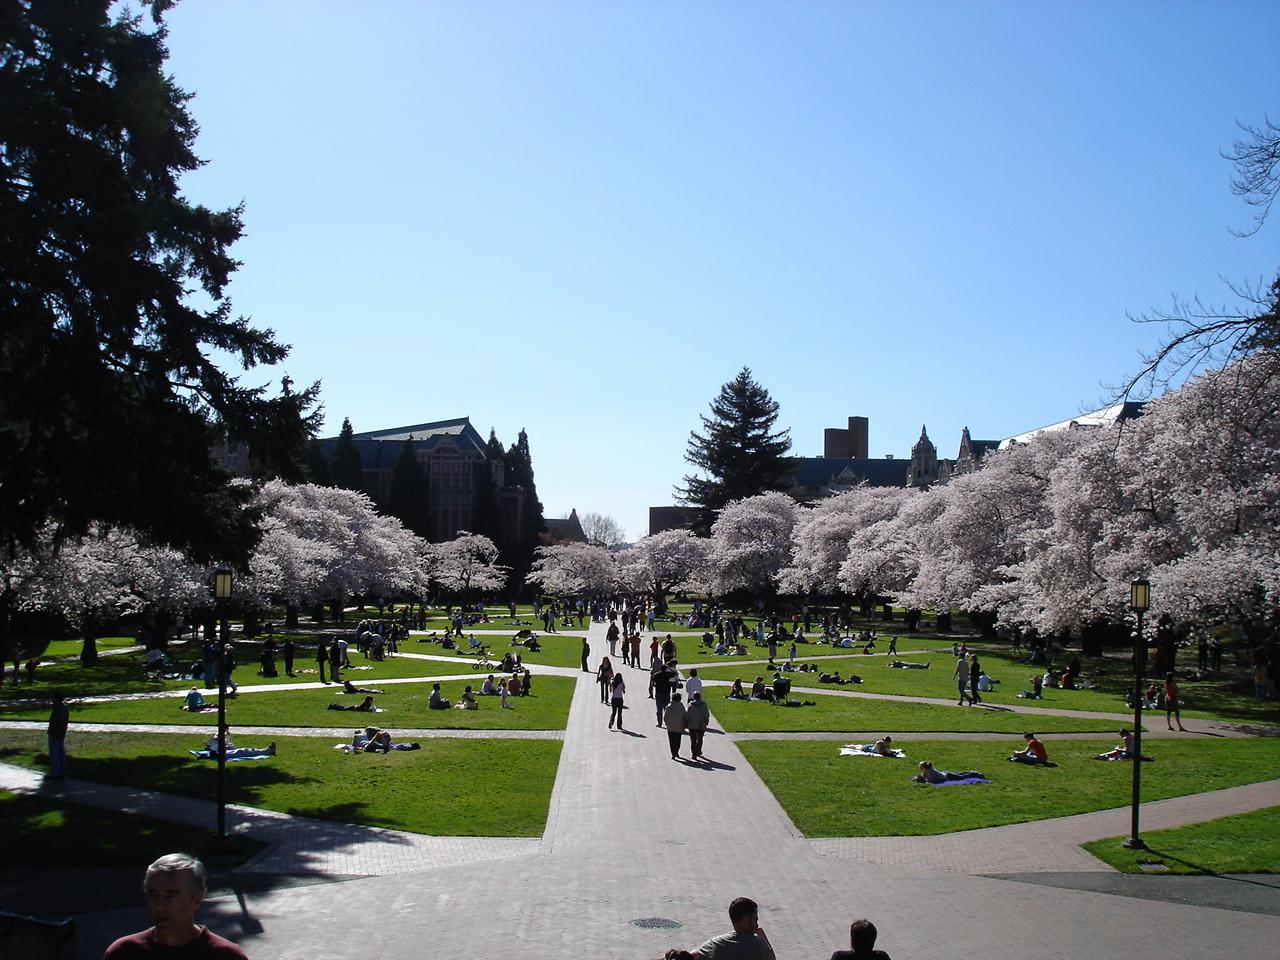 ワシントン大学の桜 Quadという左右対称の庭です。 宮殿の庭みたいですね。 ワシントン大...